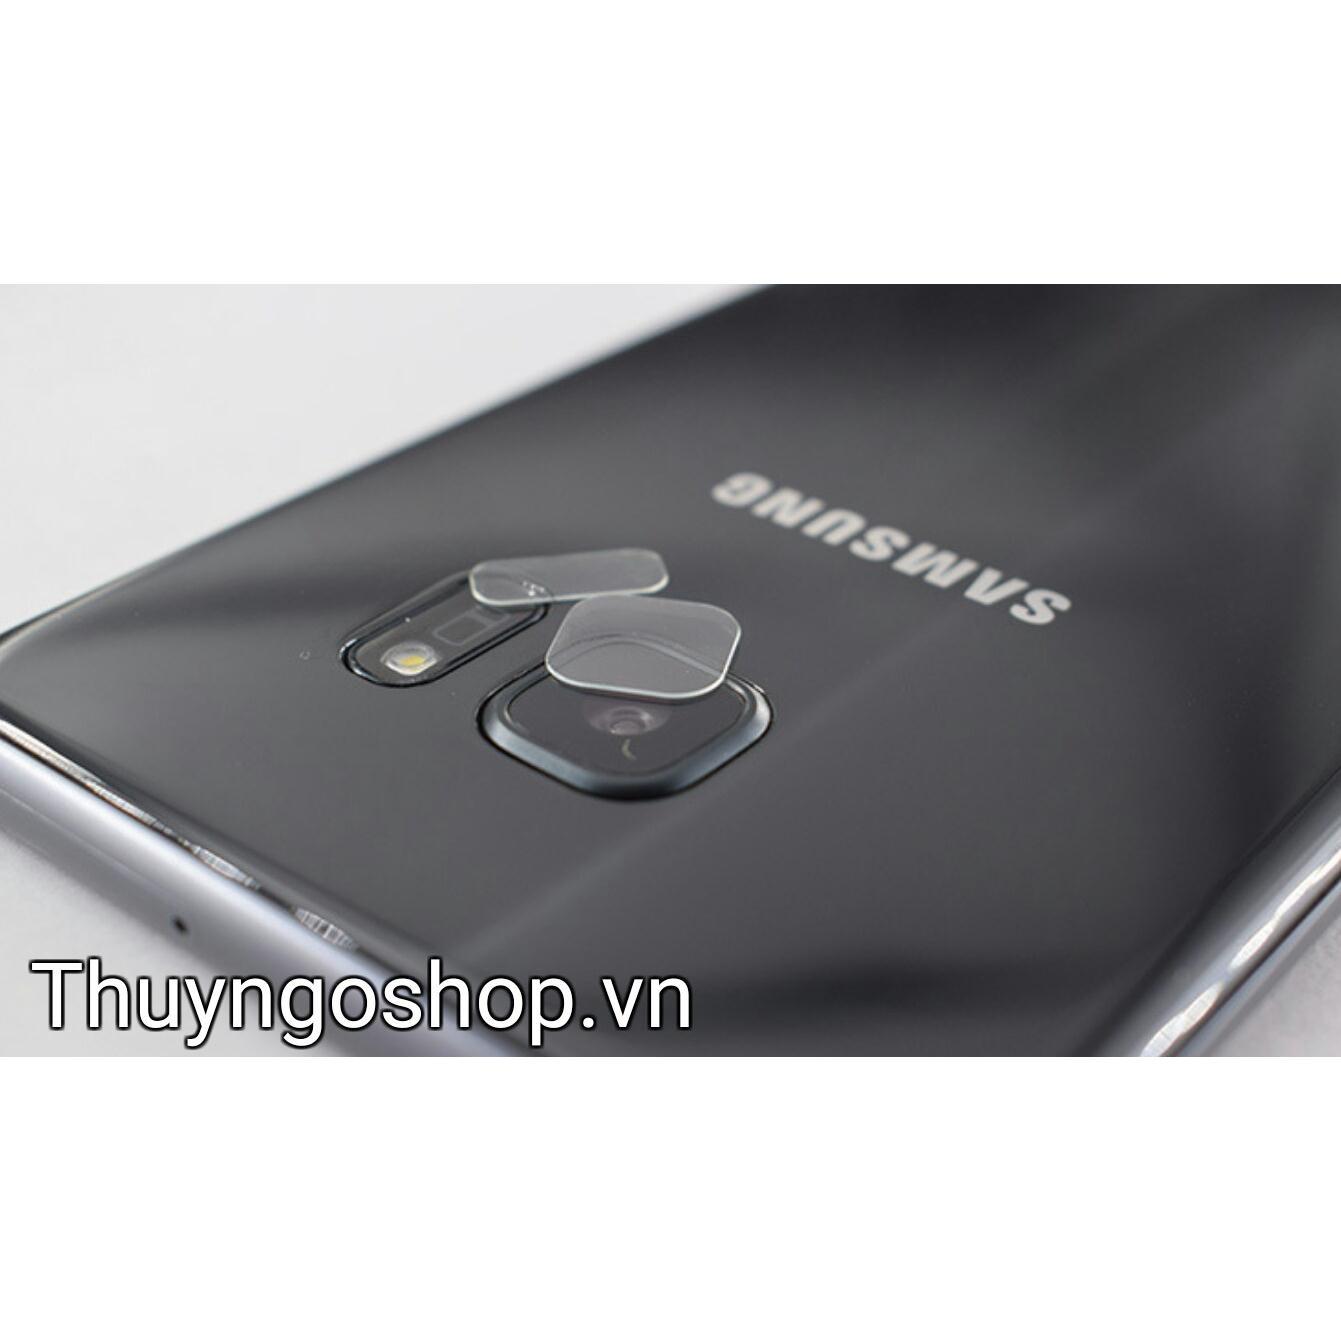 Dán bảo vệ chống trầy camera + flash Samsung Note 5